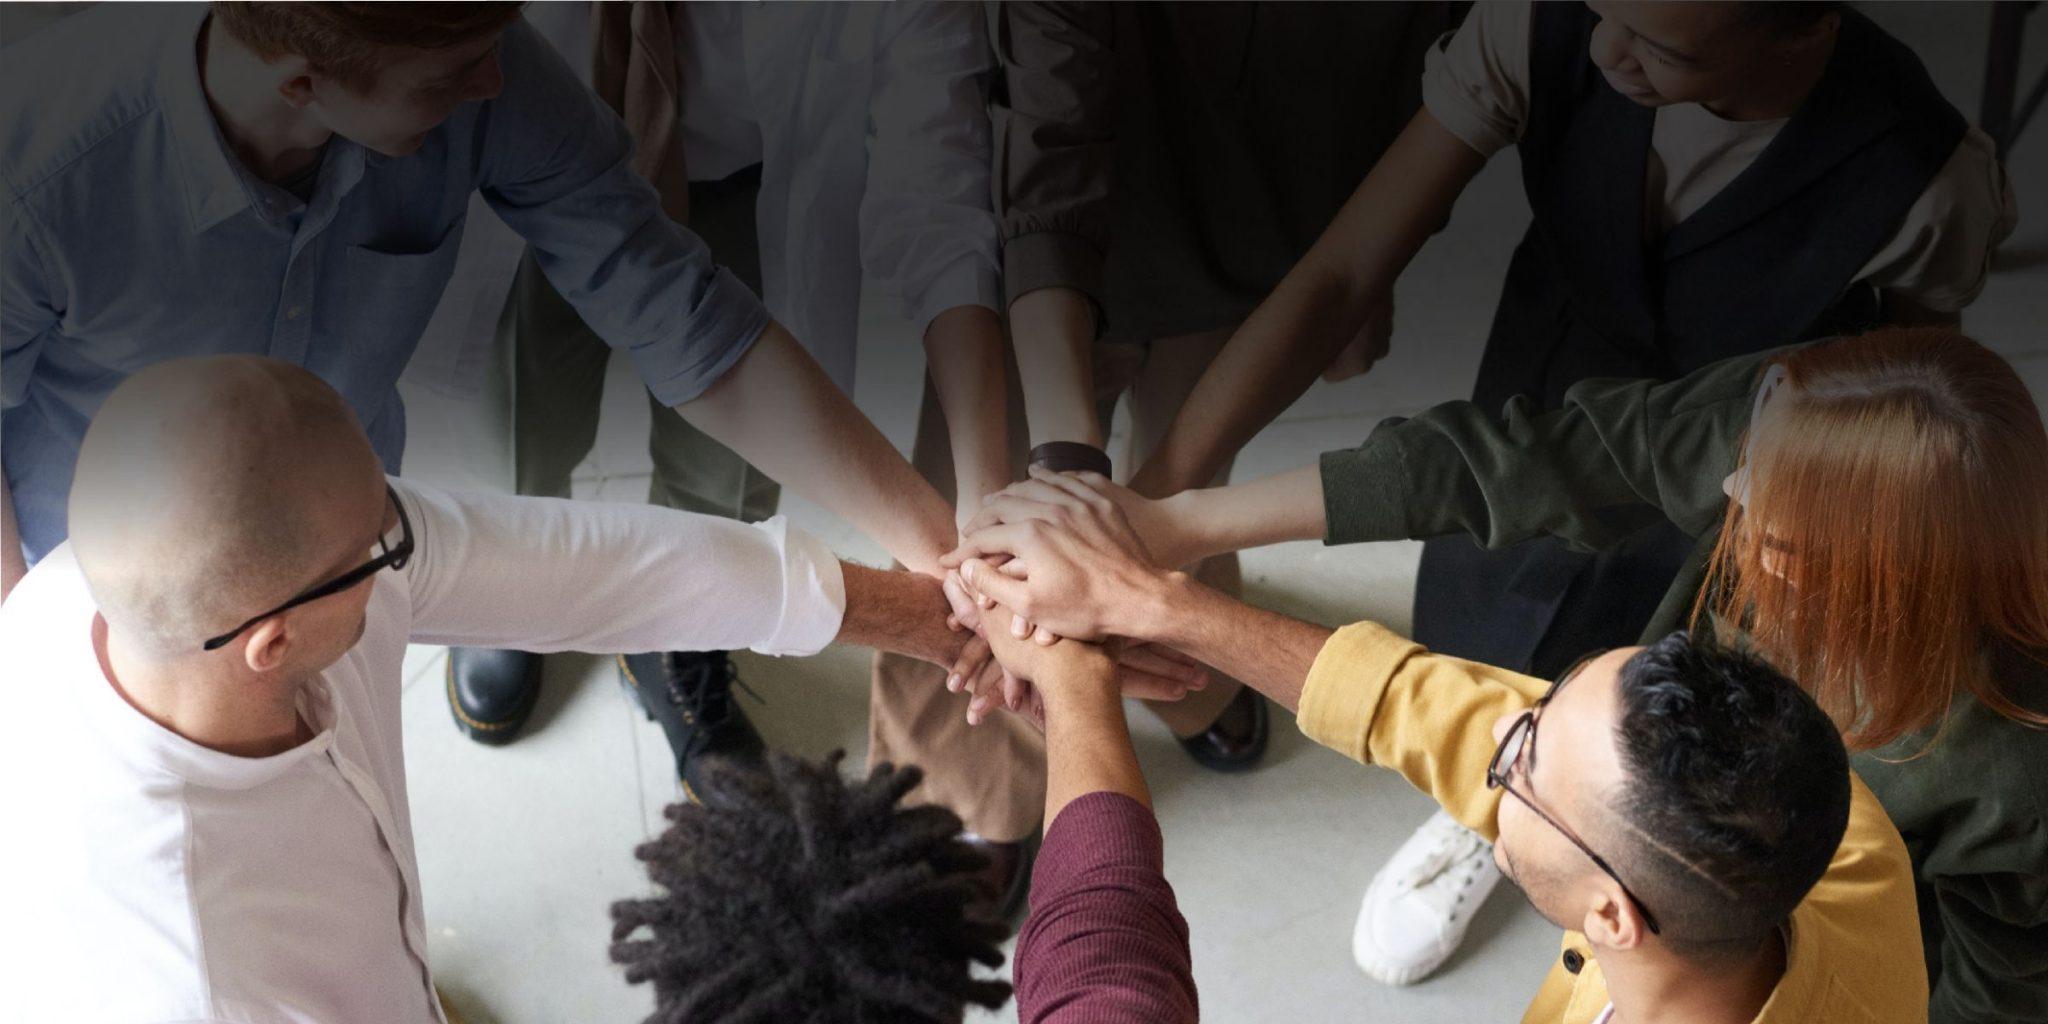 Meeskond on ringis ja käsi teineteise käte peal kuhjas. Pildi autor: Fauxels Pexelsist.